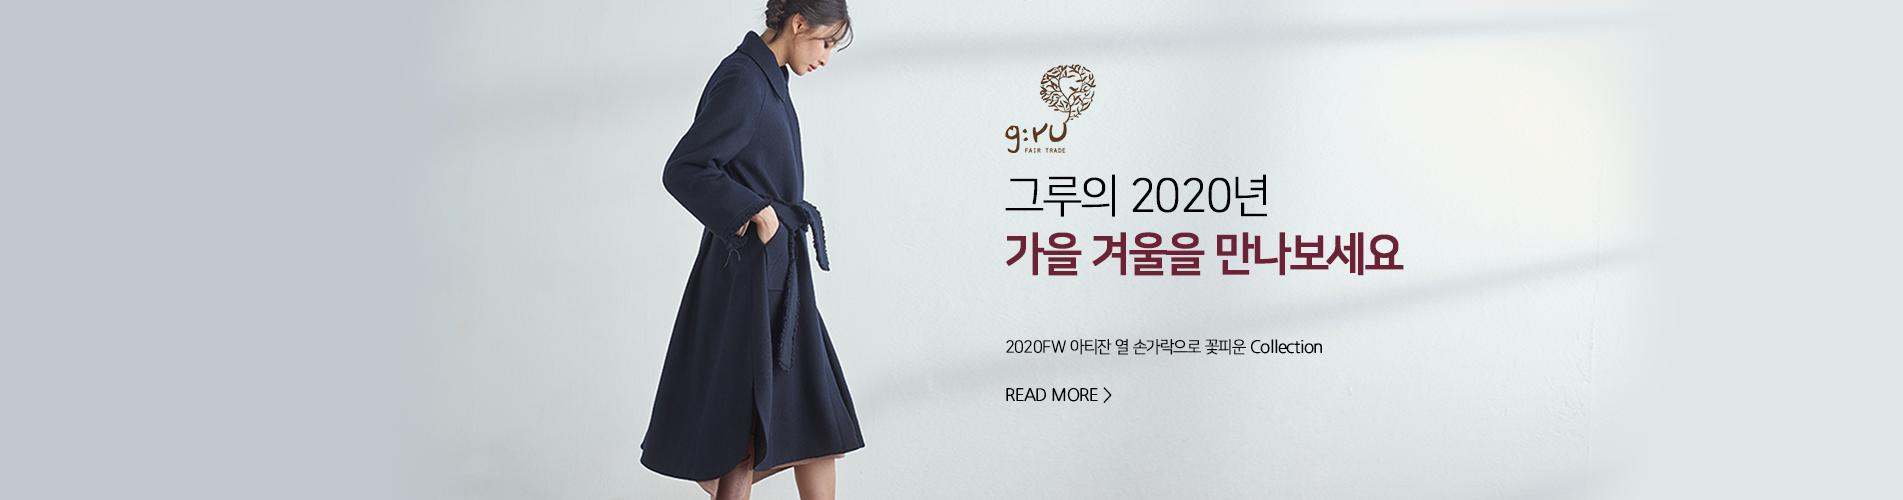 메인배너5-그루 겨울특별전 프로모션